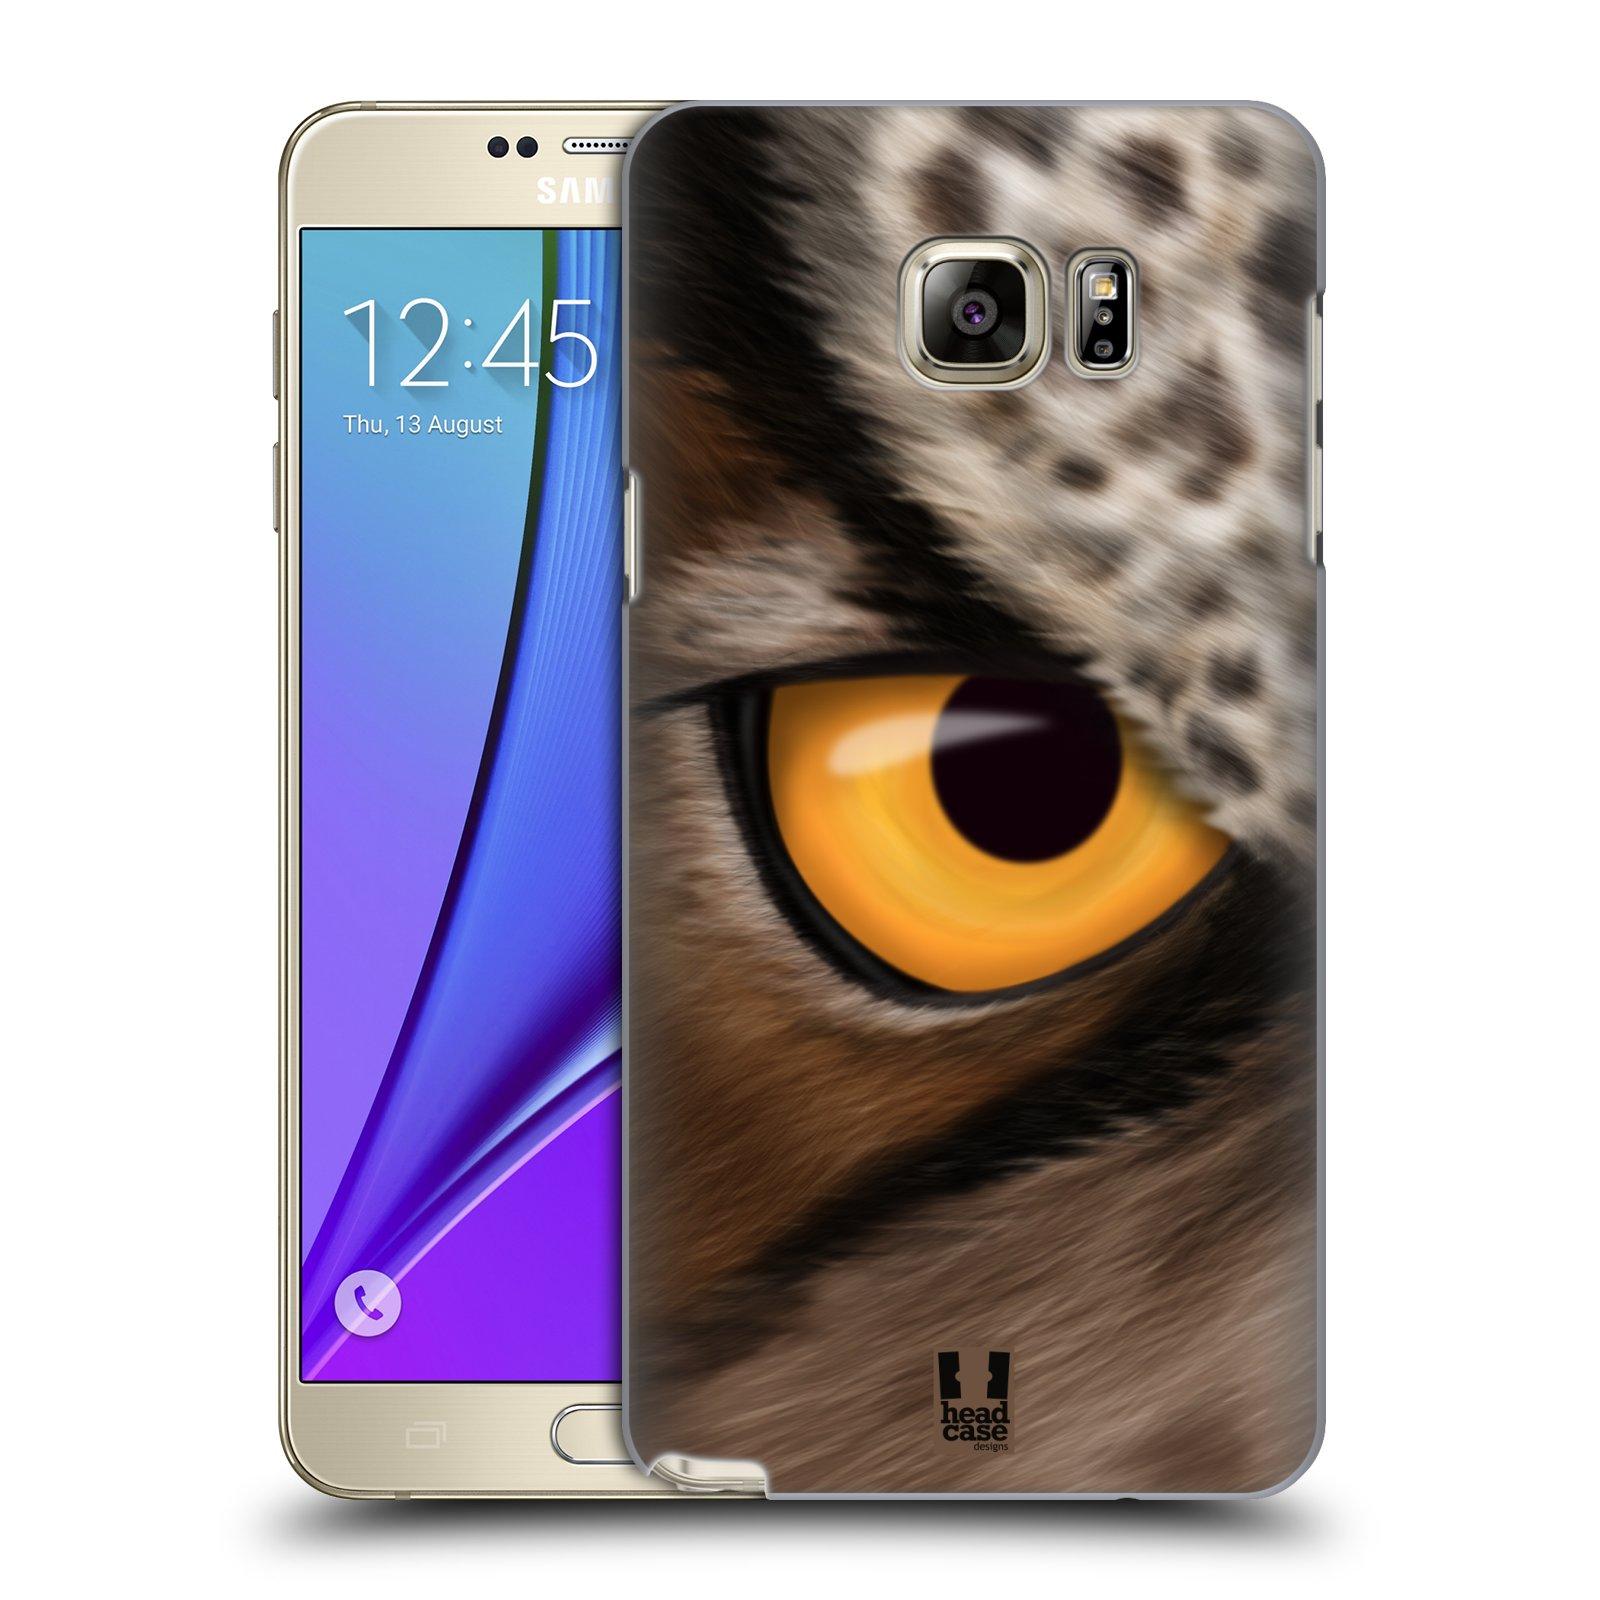 HEAD CASE plastový obal na mobil SAMSUNG Galaxy Note 5 (N920) vzor pohled zvířete oko sova